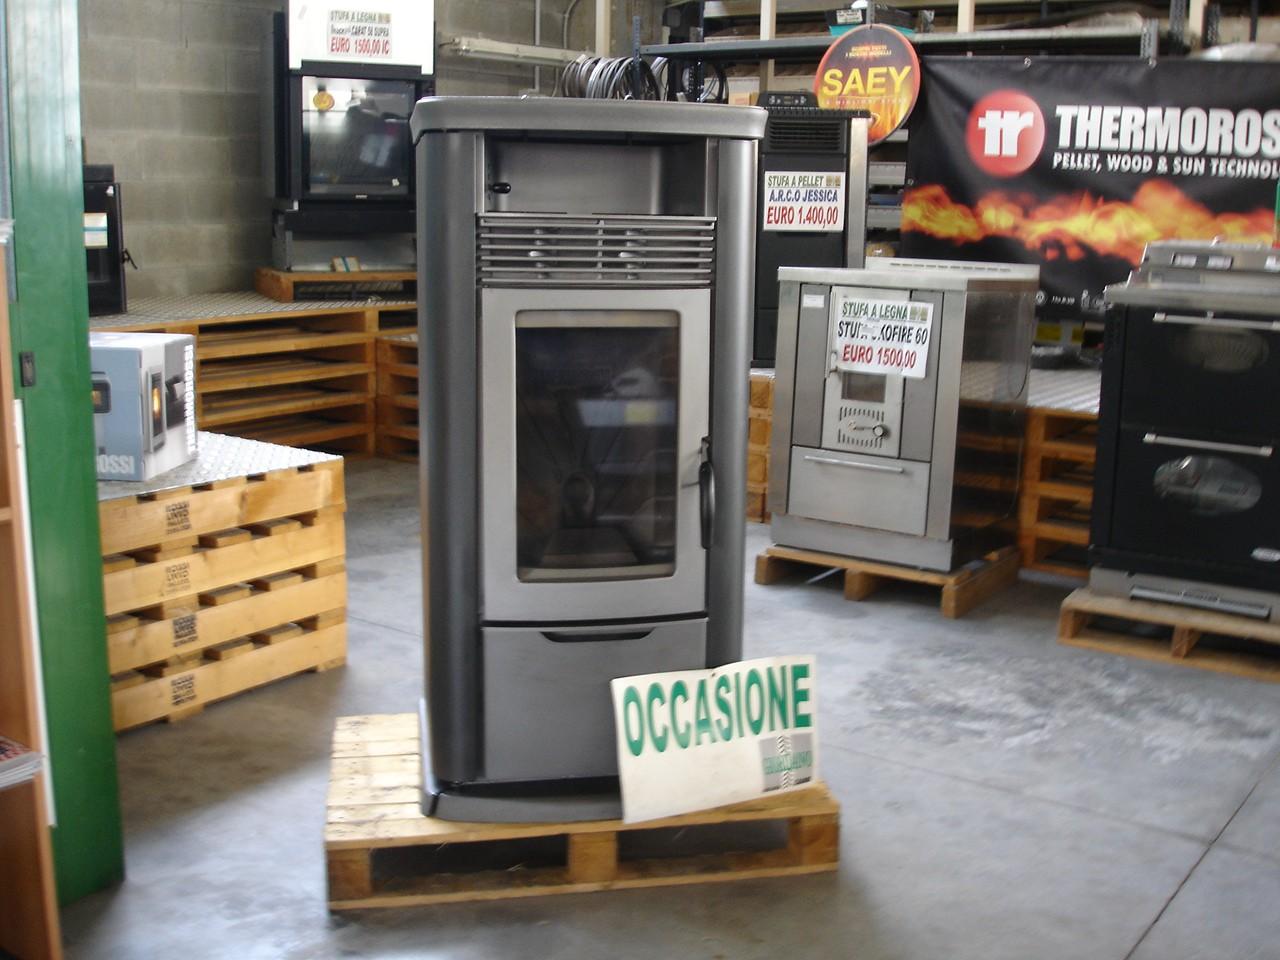 Stufa usata thermorossi modello 7000 easy a pellet - Stufe a legna prezzi usate ...